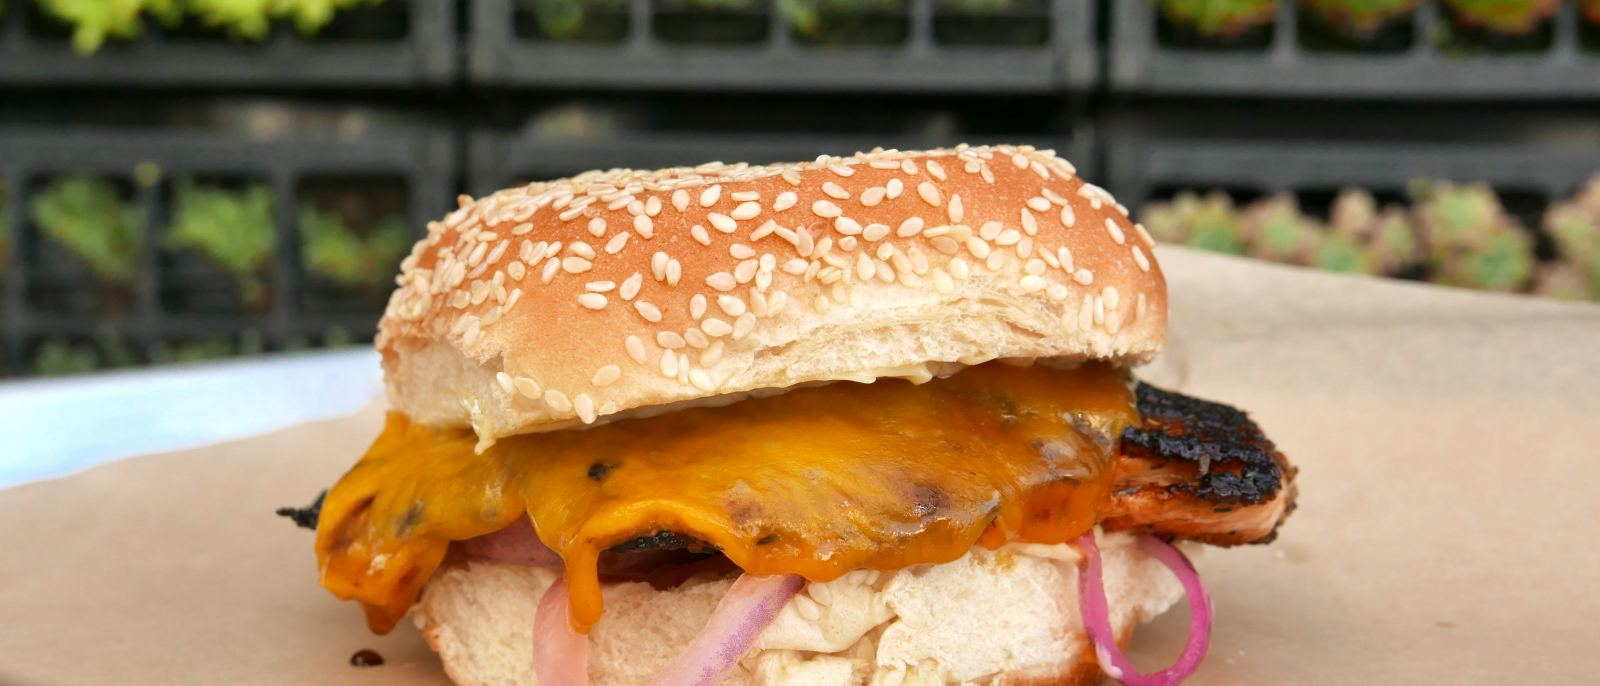 Blackened Salmon Sandwich at Voltaggio STRFSH